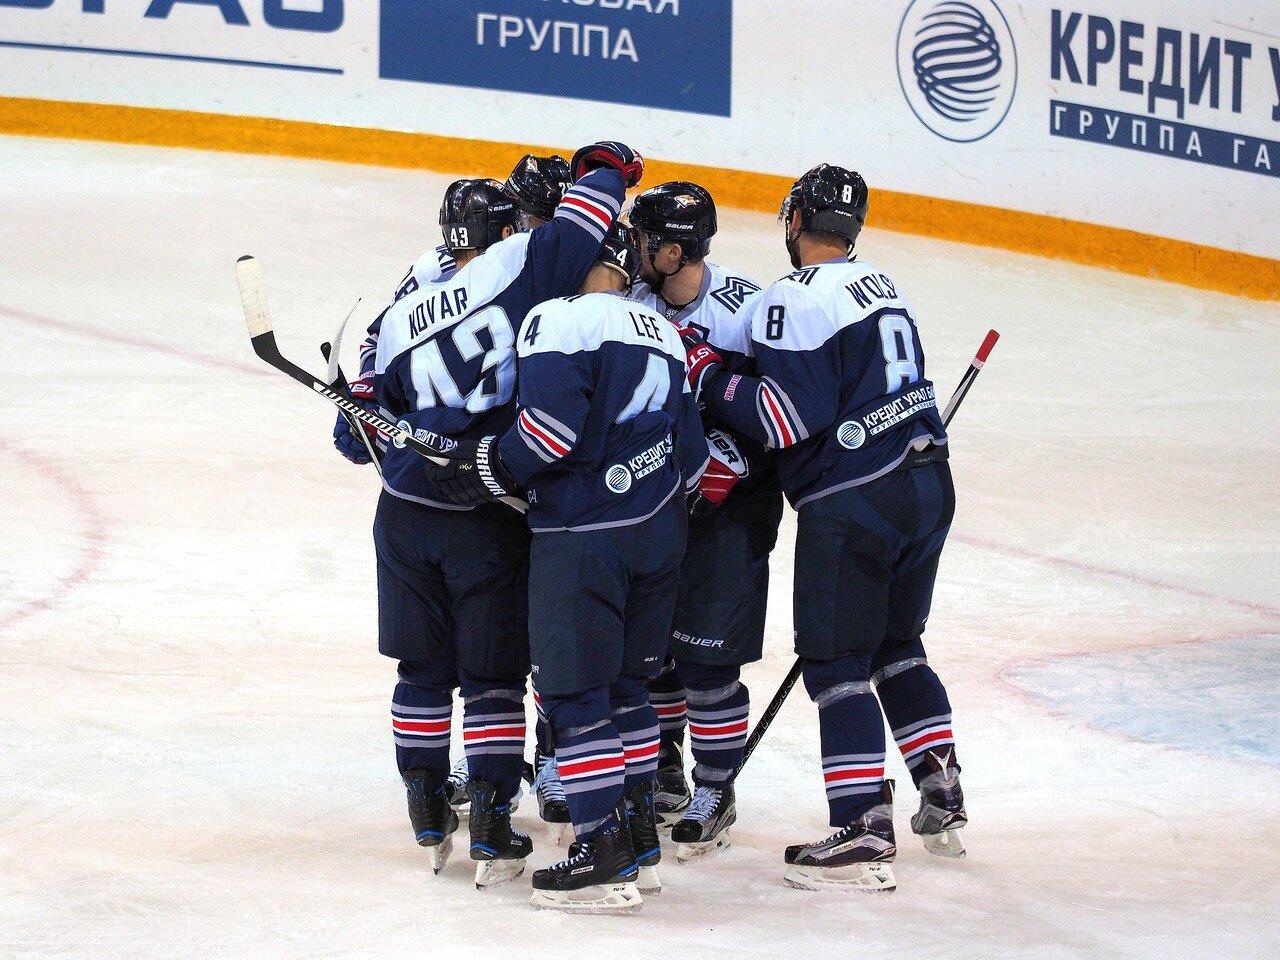 51Металлург - Динамо Минск 13.09.2016